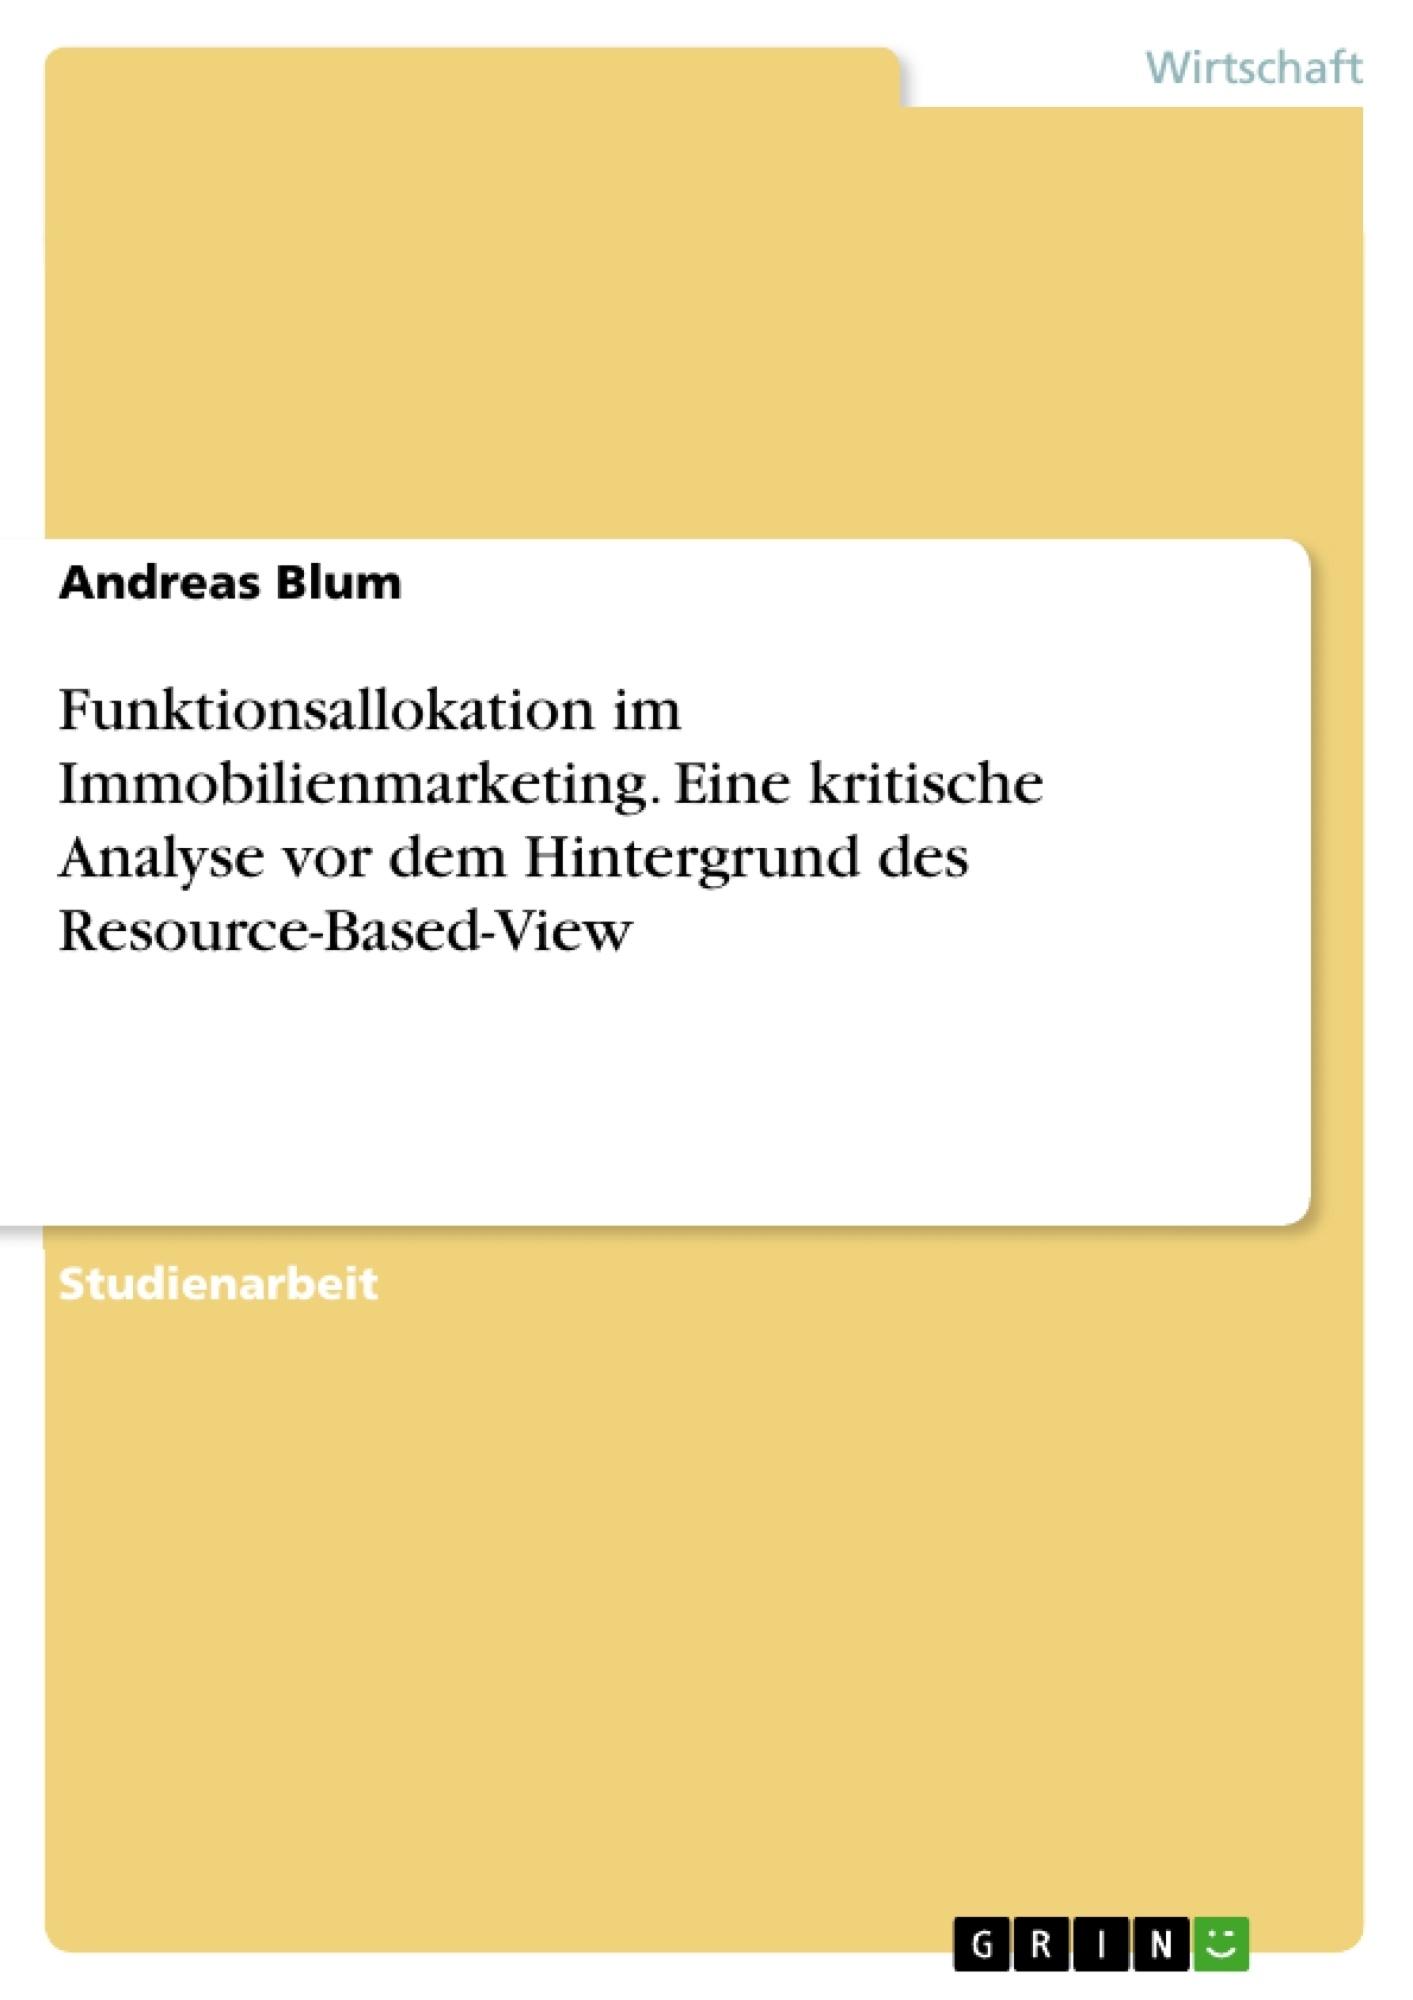 Titel: Funktionsallokation im Immobilienmarketing. Eine kritische Analyse vor dem Hintergrund des Resource-Based-View